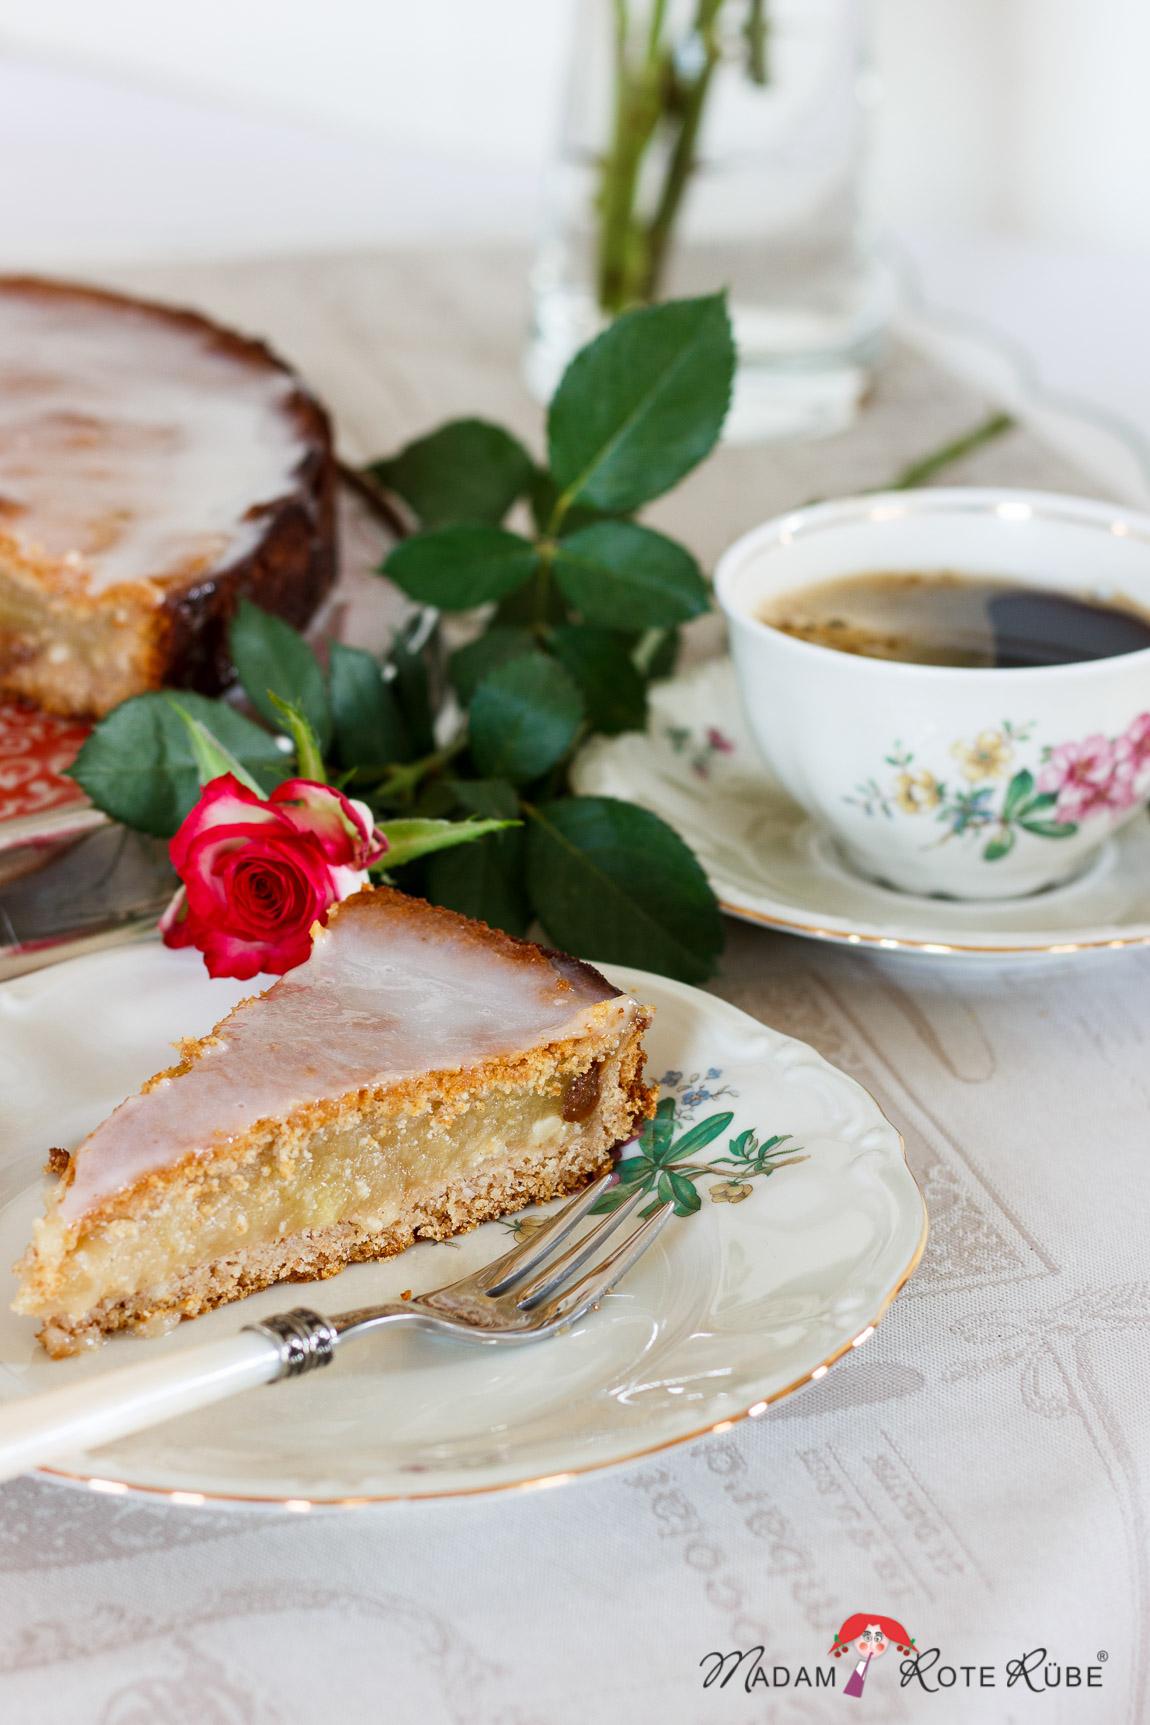 Madam Rote Rübe - Gedeckter Apfelmuskuchen mit Calvados